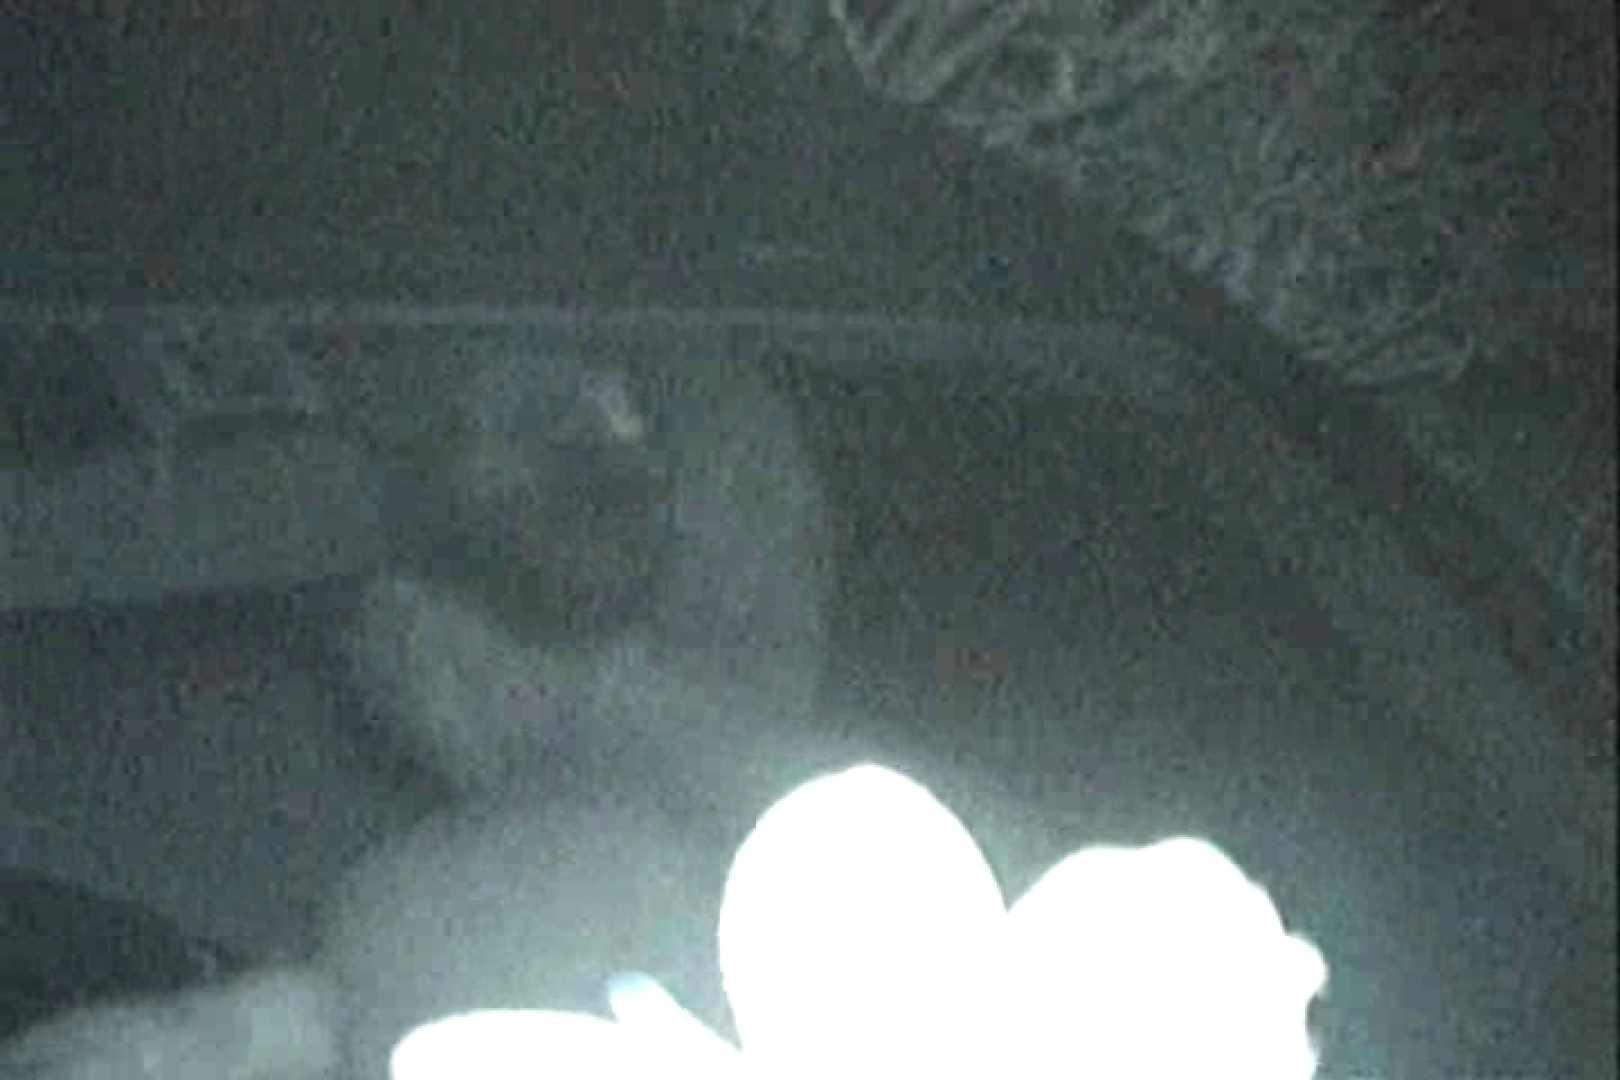 充血監督の深夜の運動会Vol.18 車でエッチ 濡れ場動画紹介 55PIX 19